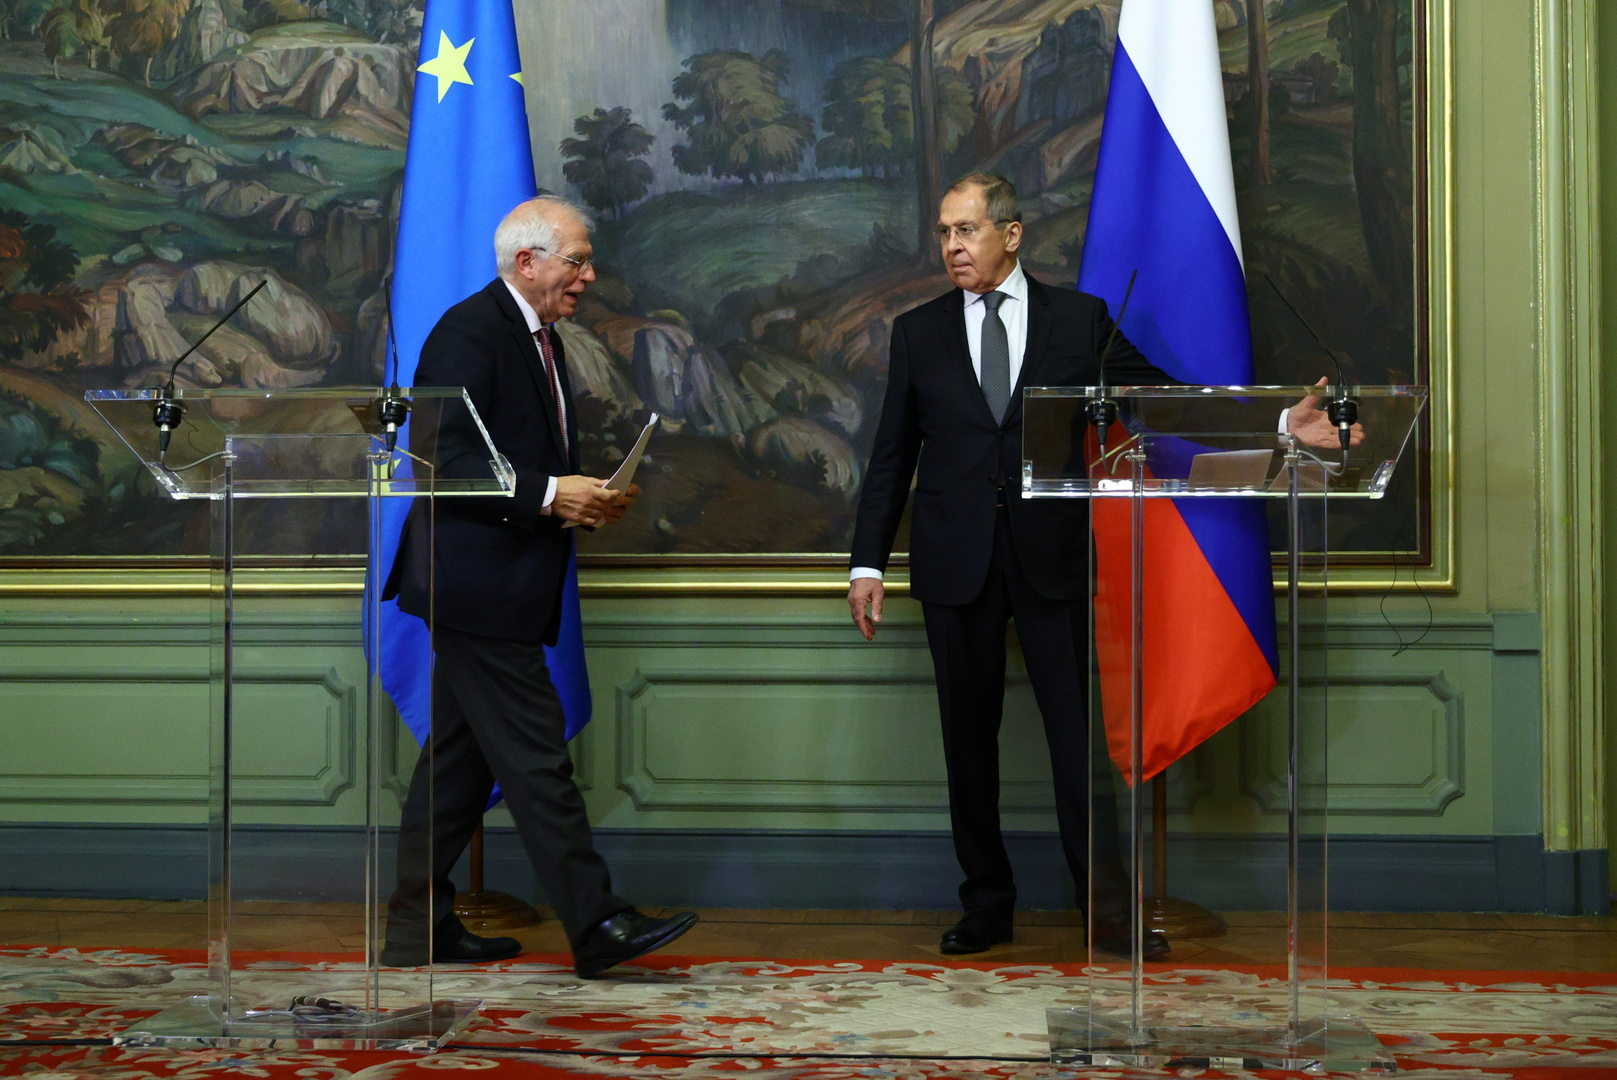 استفز الدب.. الاتحاد الأوروبي أظهر استعداده للتصعيد مع روسيا